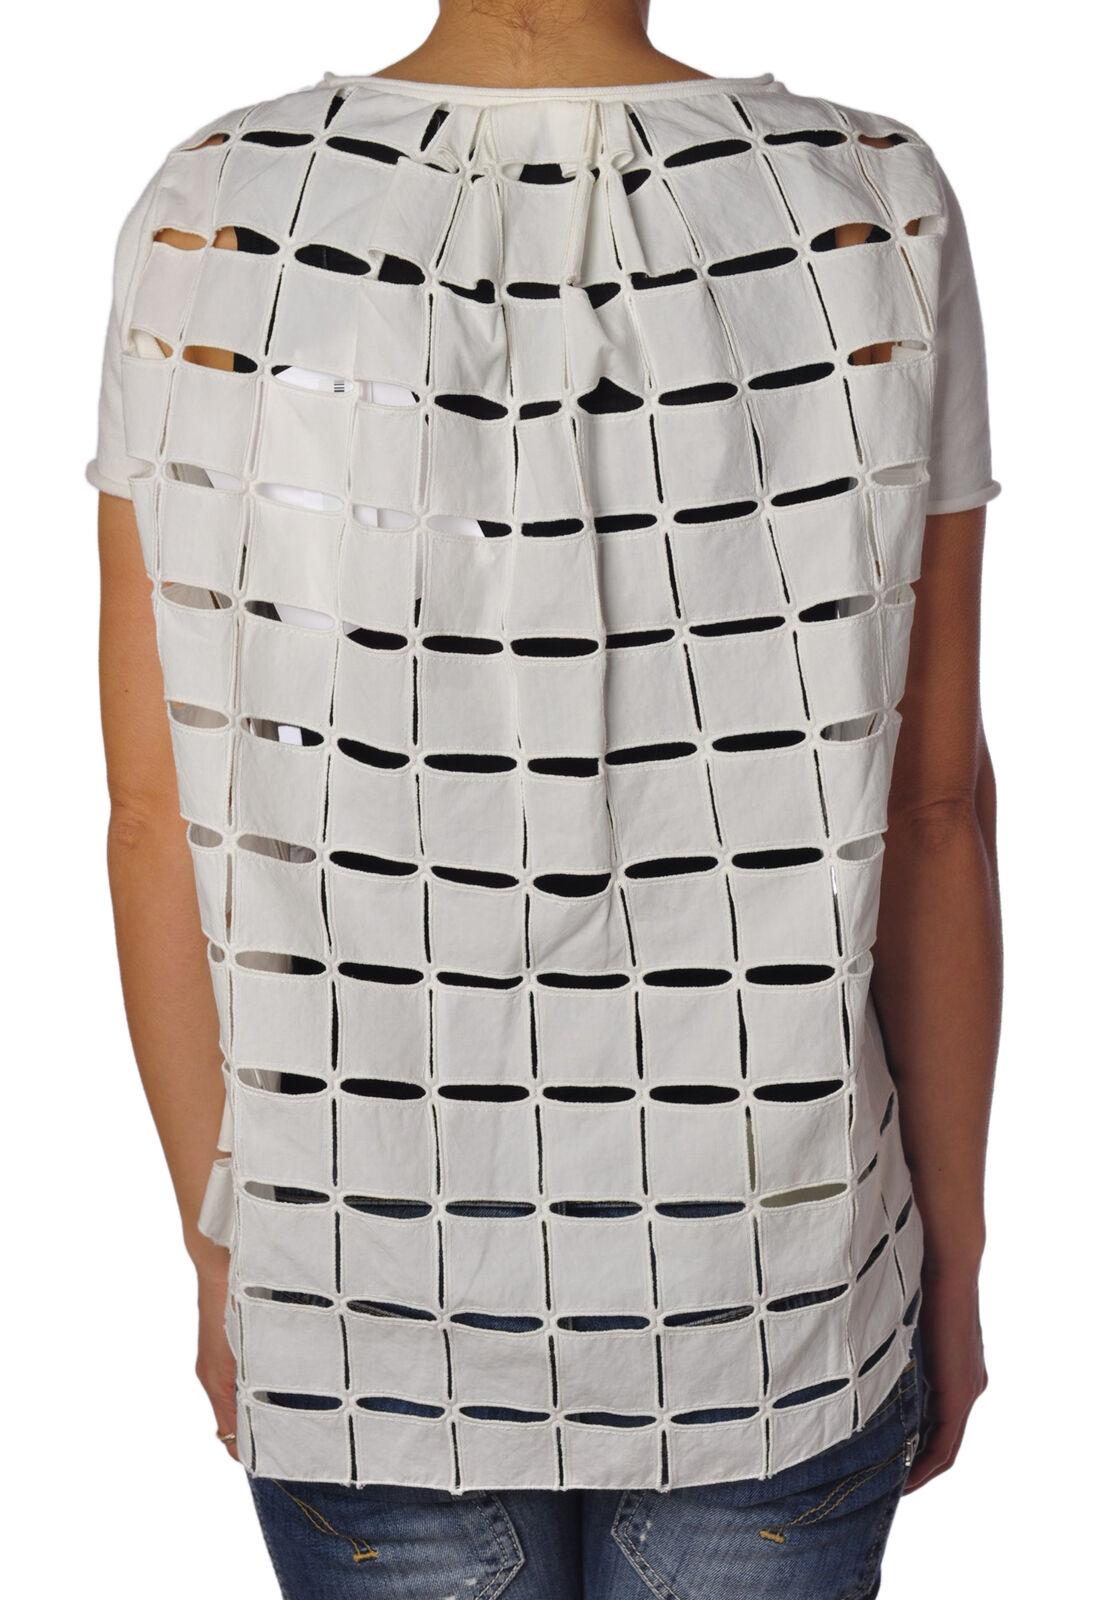 Alpha - Topwear-T-shirts - woman - Weiß - 761917C180505